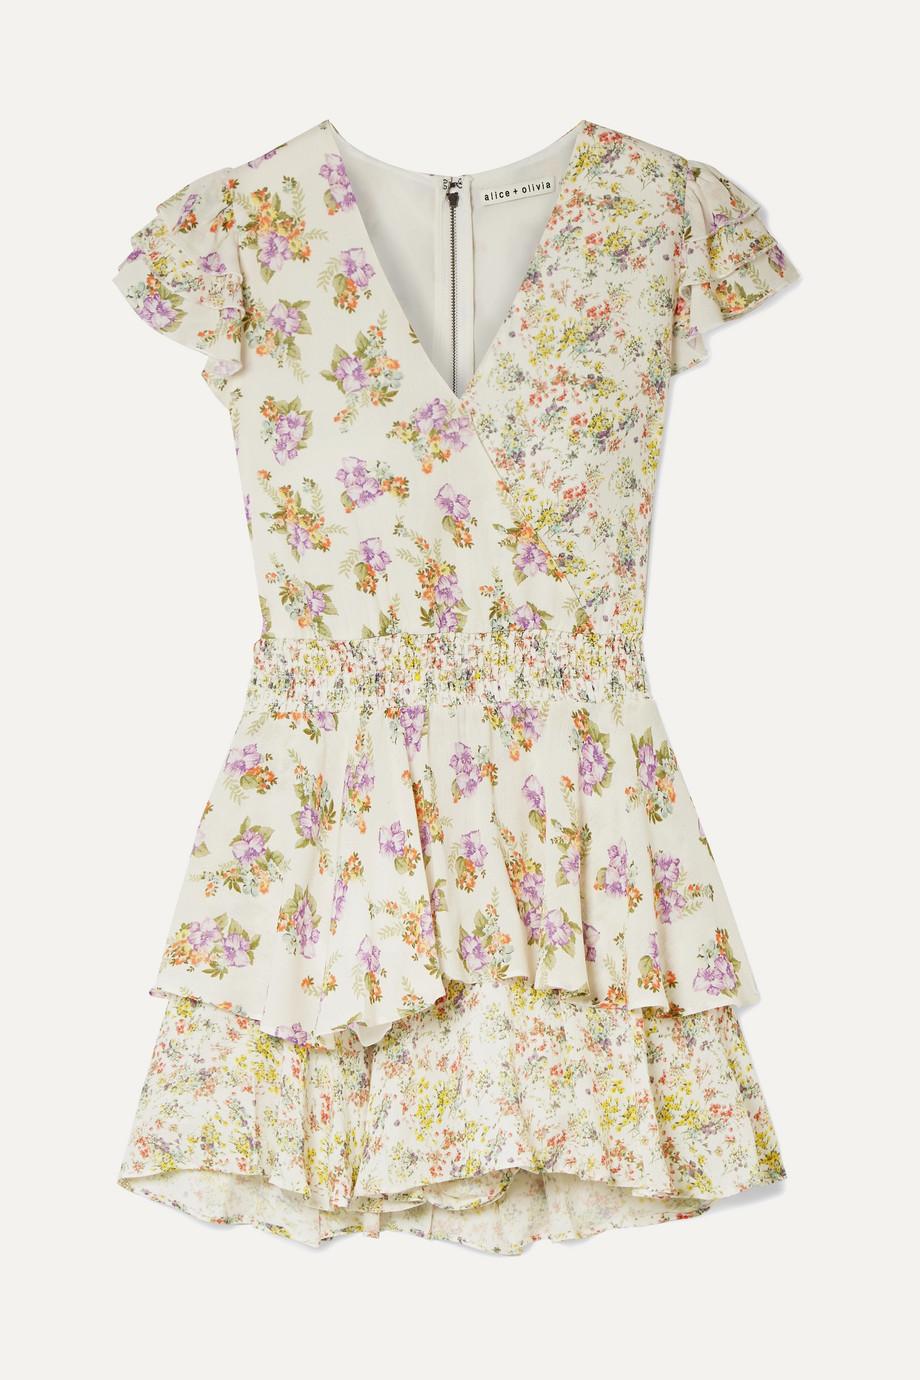 Alice + Olivia Mariska ruffled floral-print voile playsuit